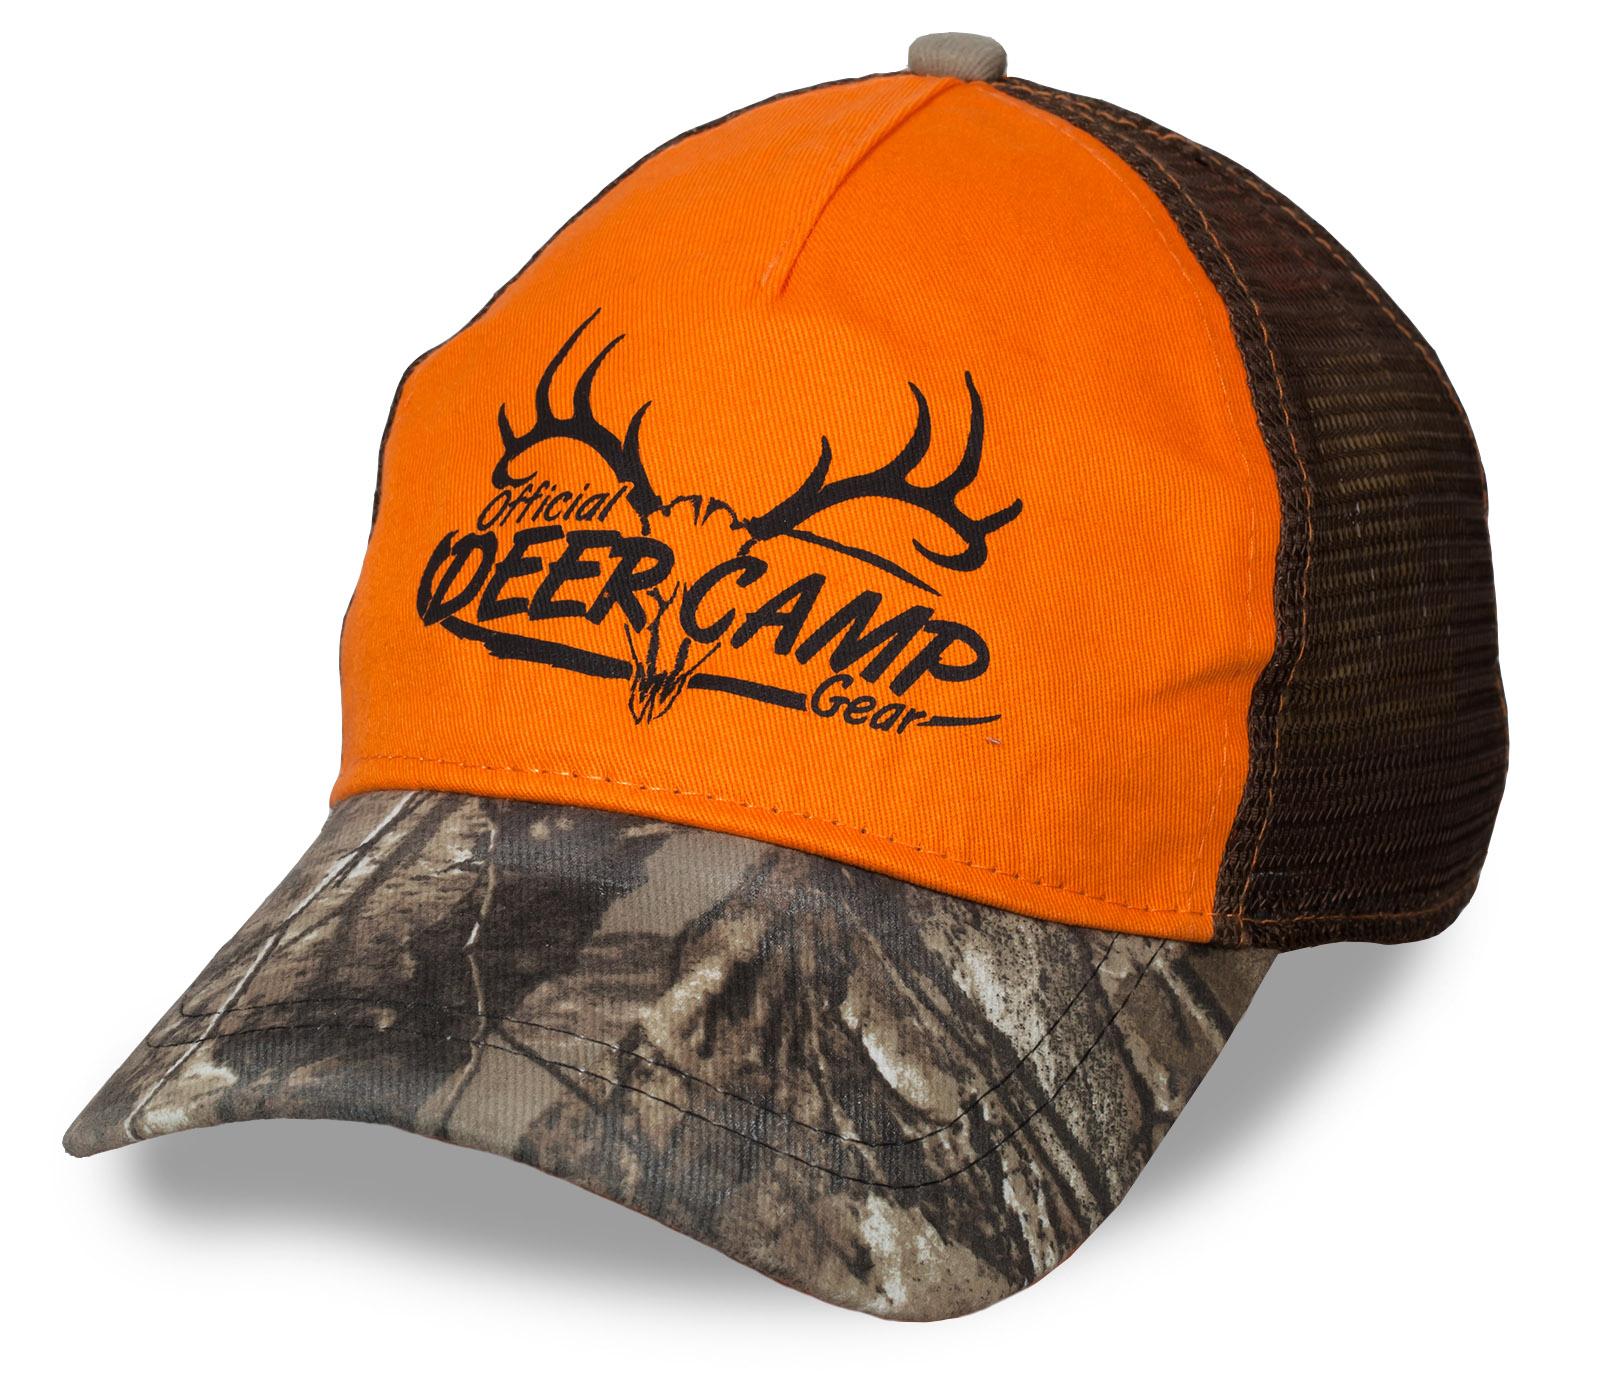 МОДНО и ФУНКЦИОНАЛЬНО! Яркая бейсболка Deer Camp – камуфляжный козырек, сетка для улучшенной вентиляции, правильное сочетание цветов